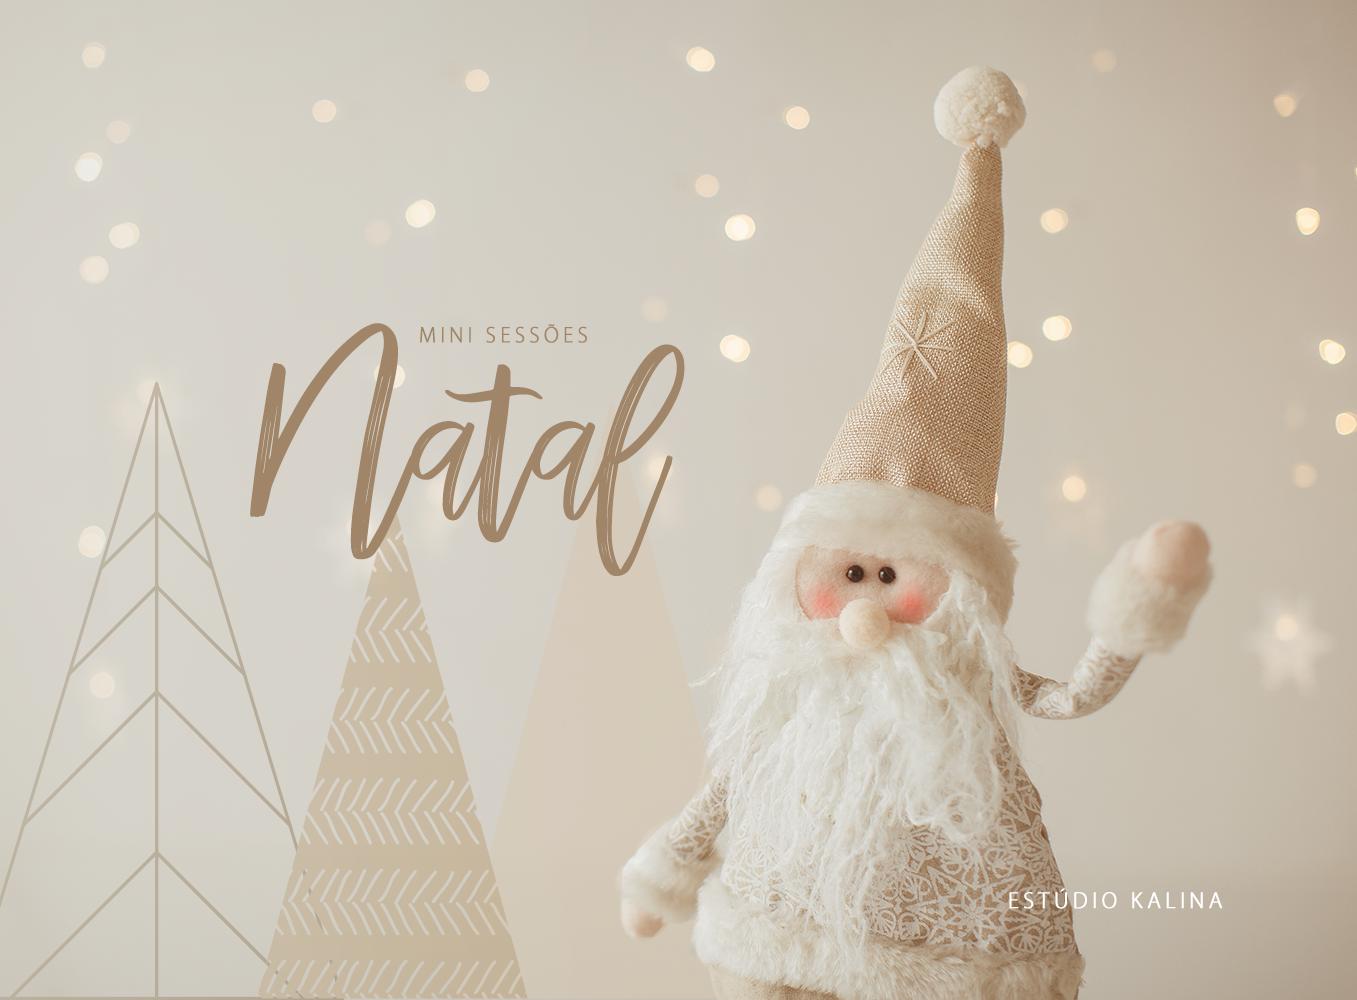 Mini Sessões de Natal Joinville